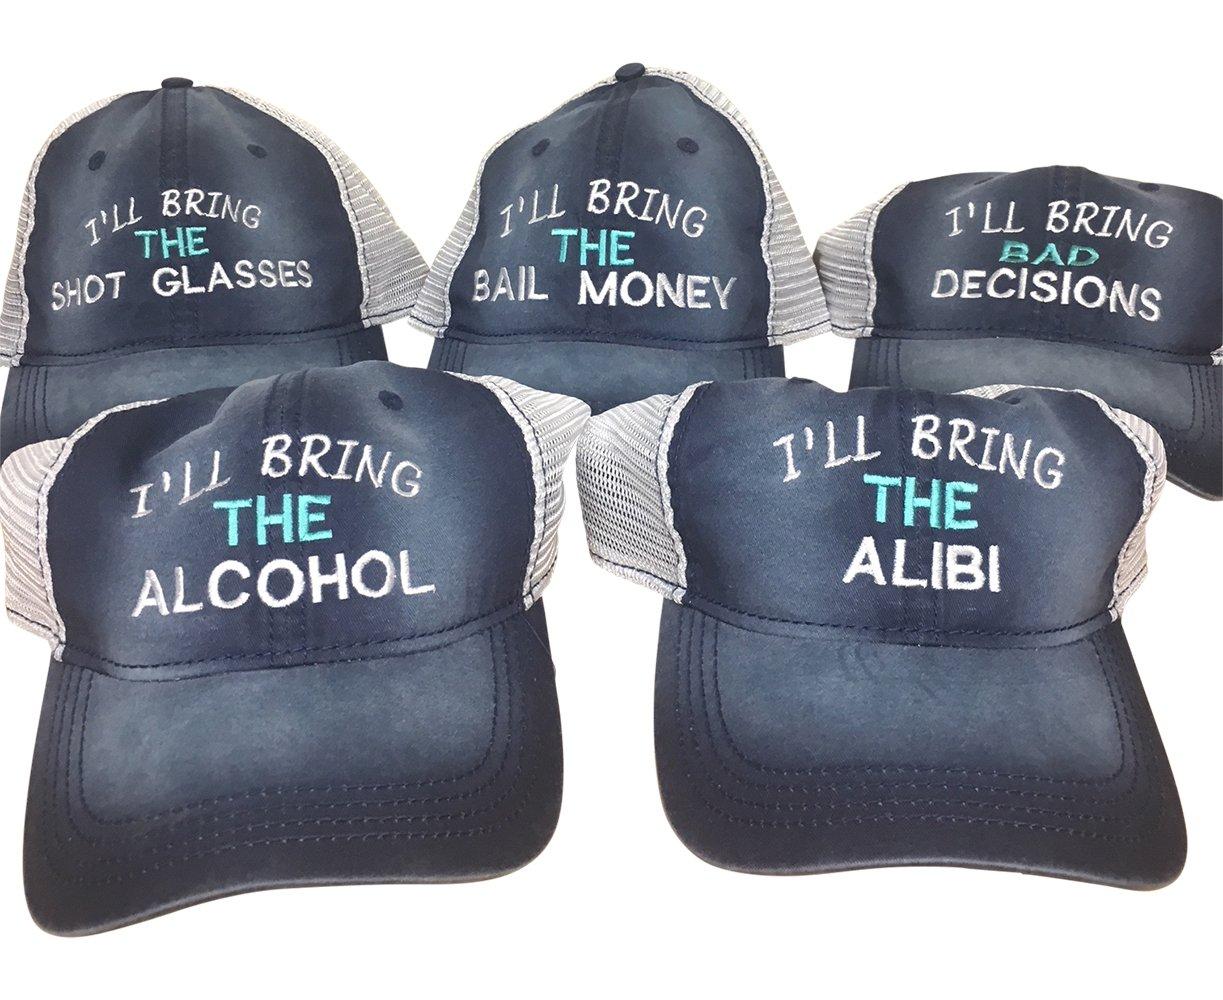 The Hat Pros I'll Bring Set of 5 Caps